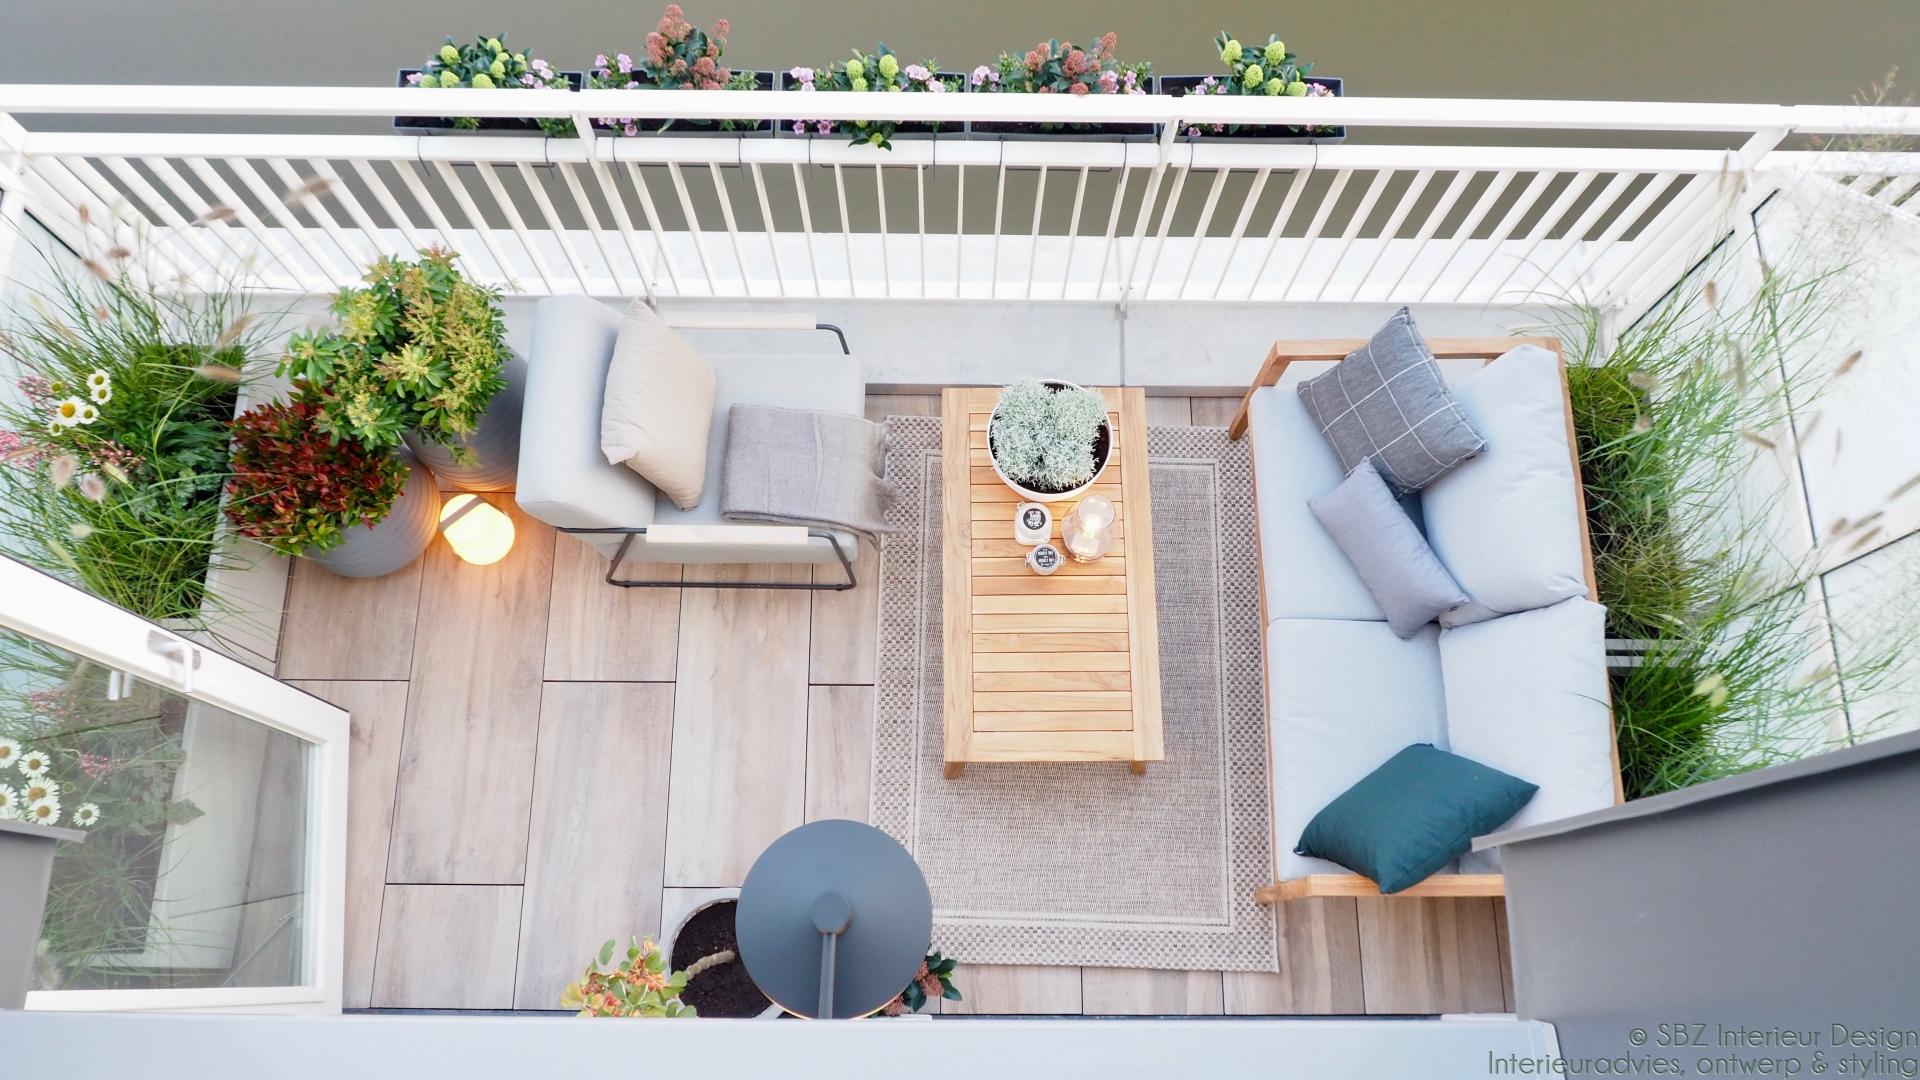 Ontwerp en interieur project balkon Ackerswoude Brinkrijk © SBZ Interieur Design advies – ontwerp- interieur realisatie en styling – sbzinterieurdesign.nl 209